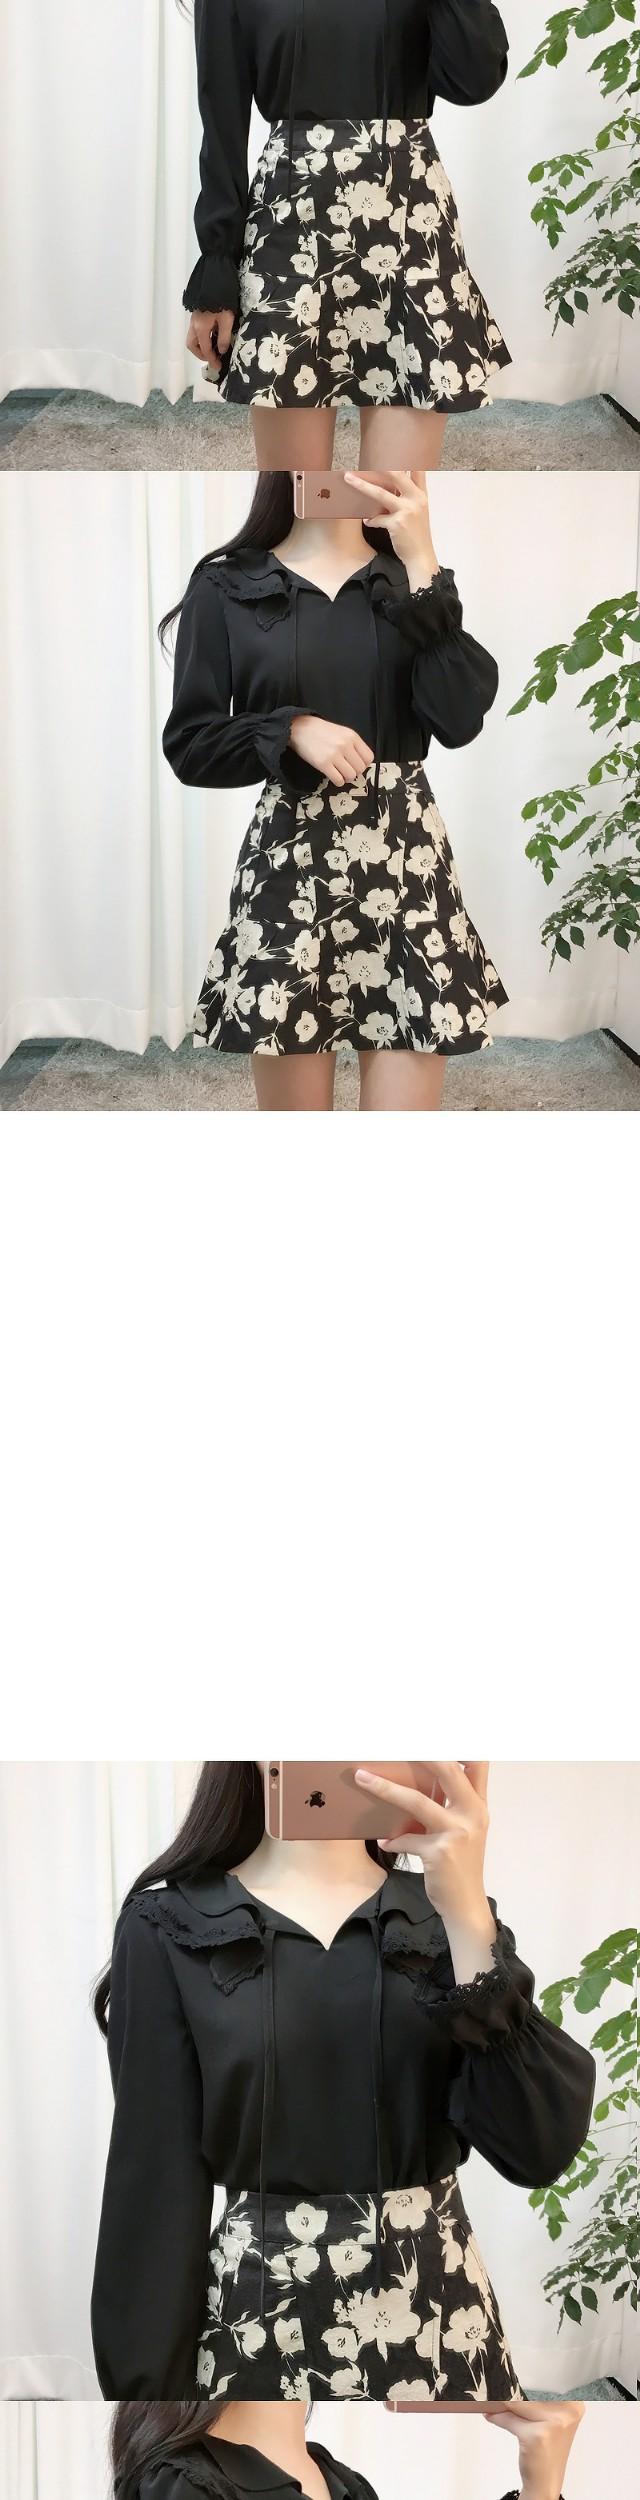 Zanne Karla blouse